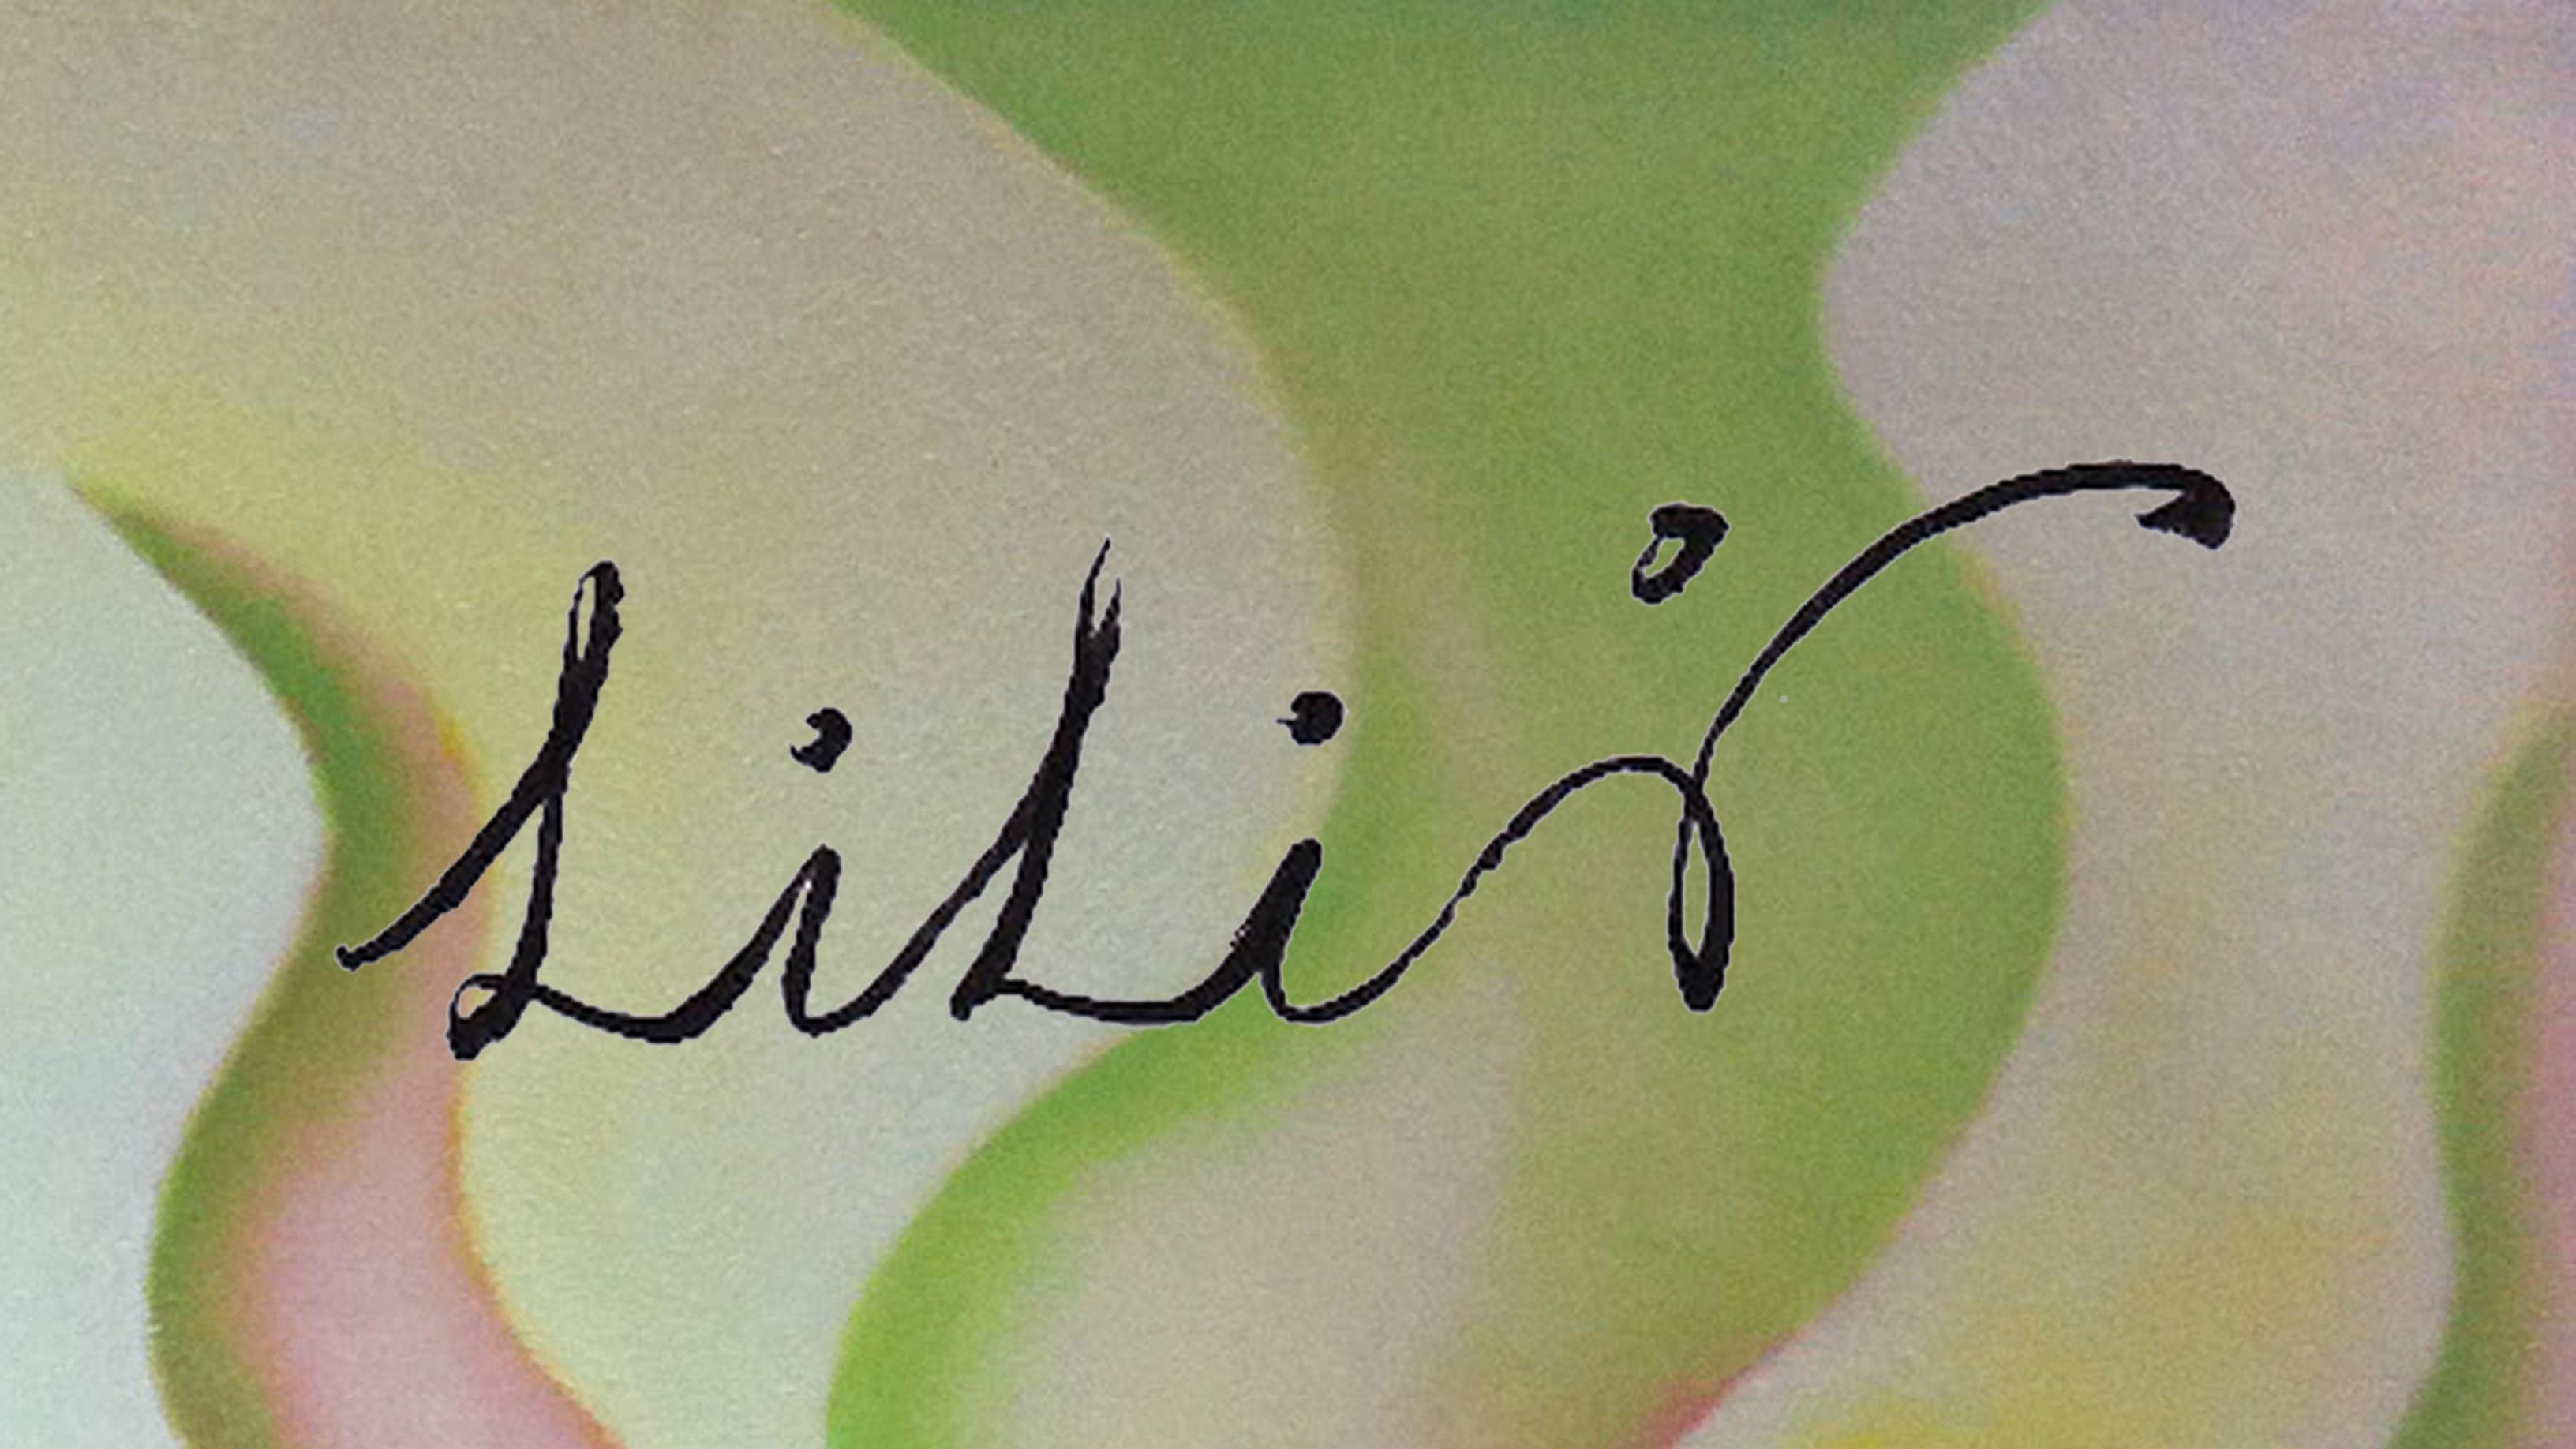 Li Li's Signature